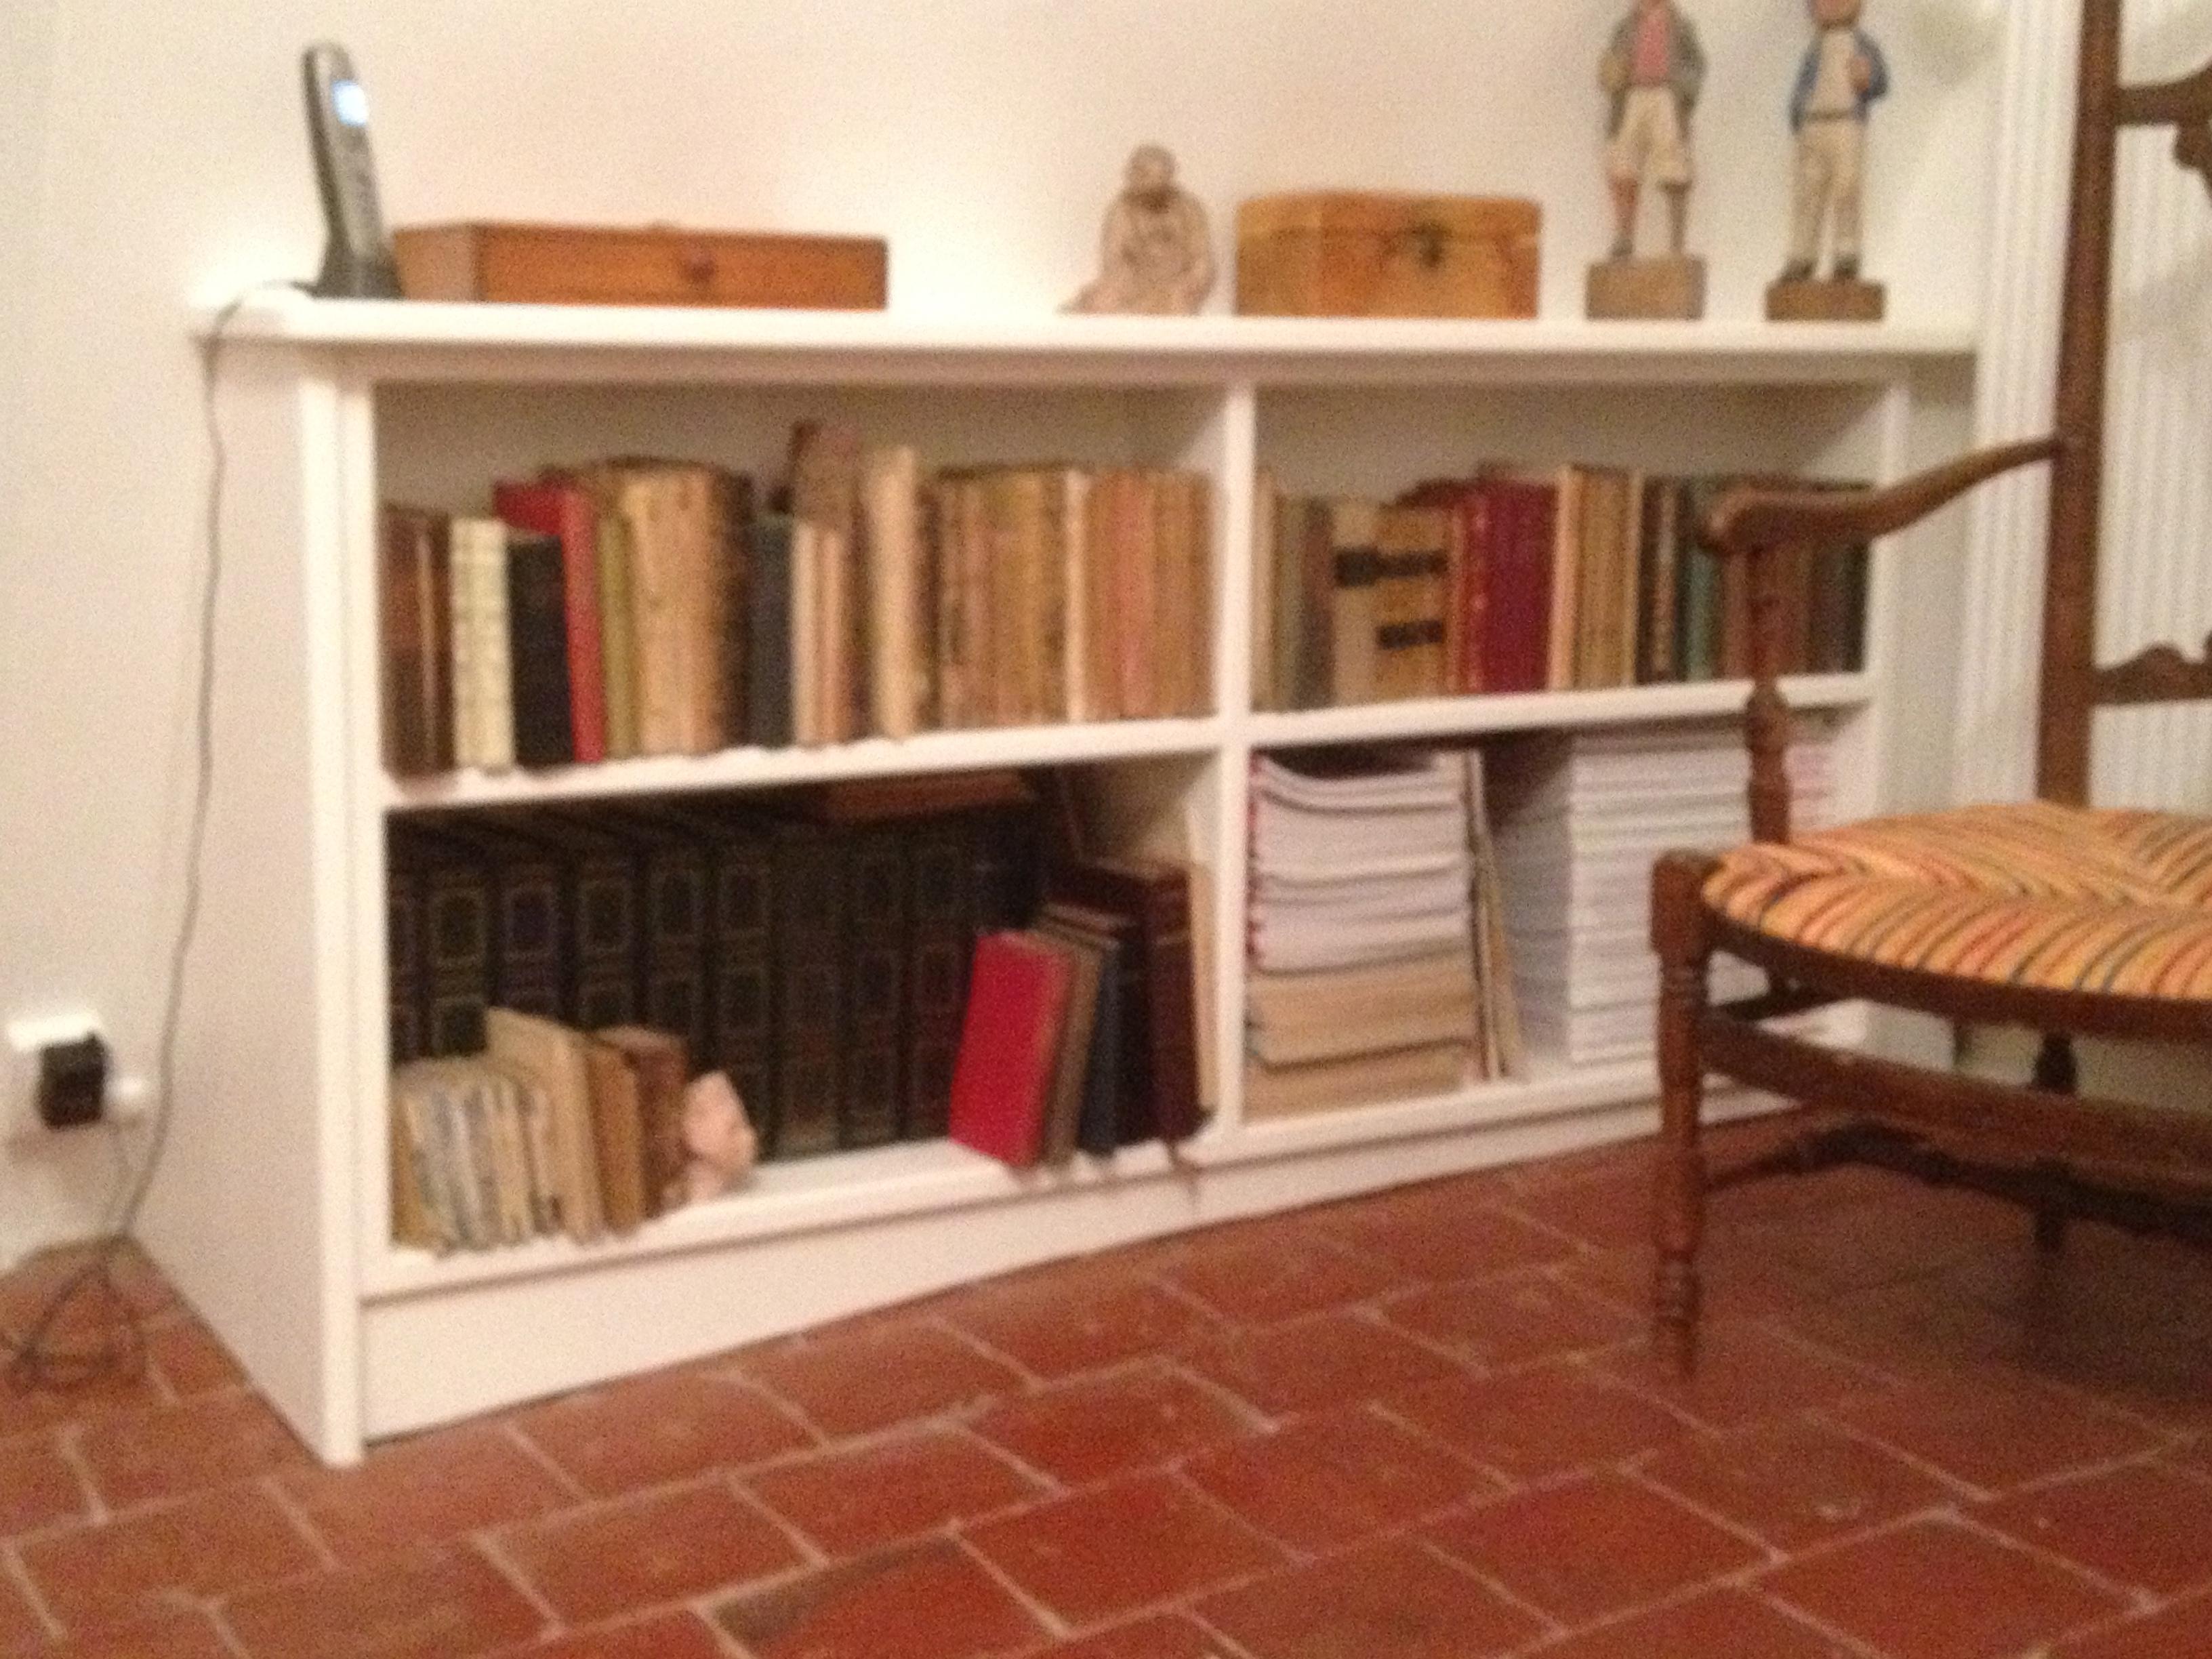 Dominique jardin meubles - Meuble bibliotheque basse ...